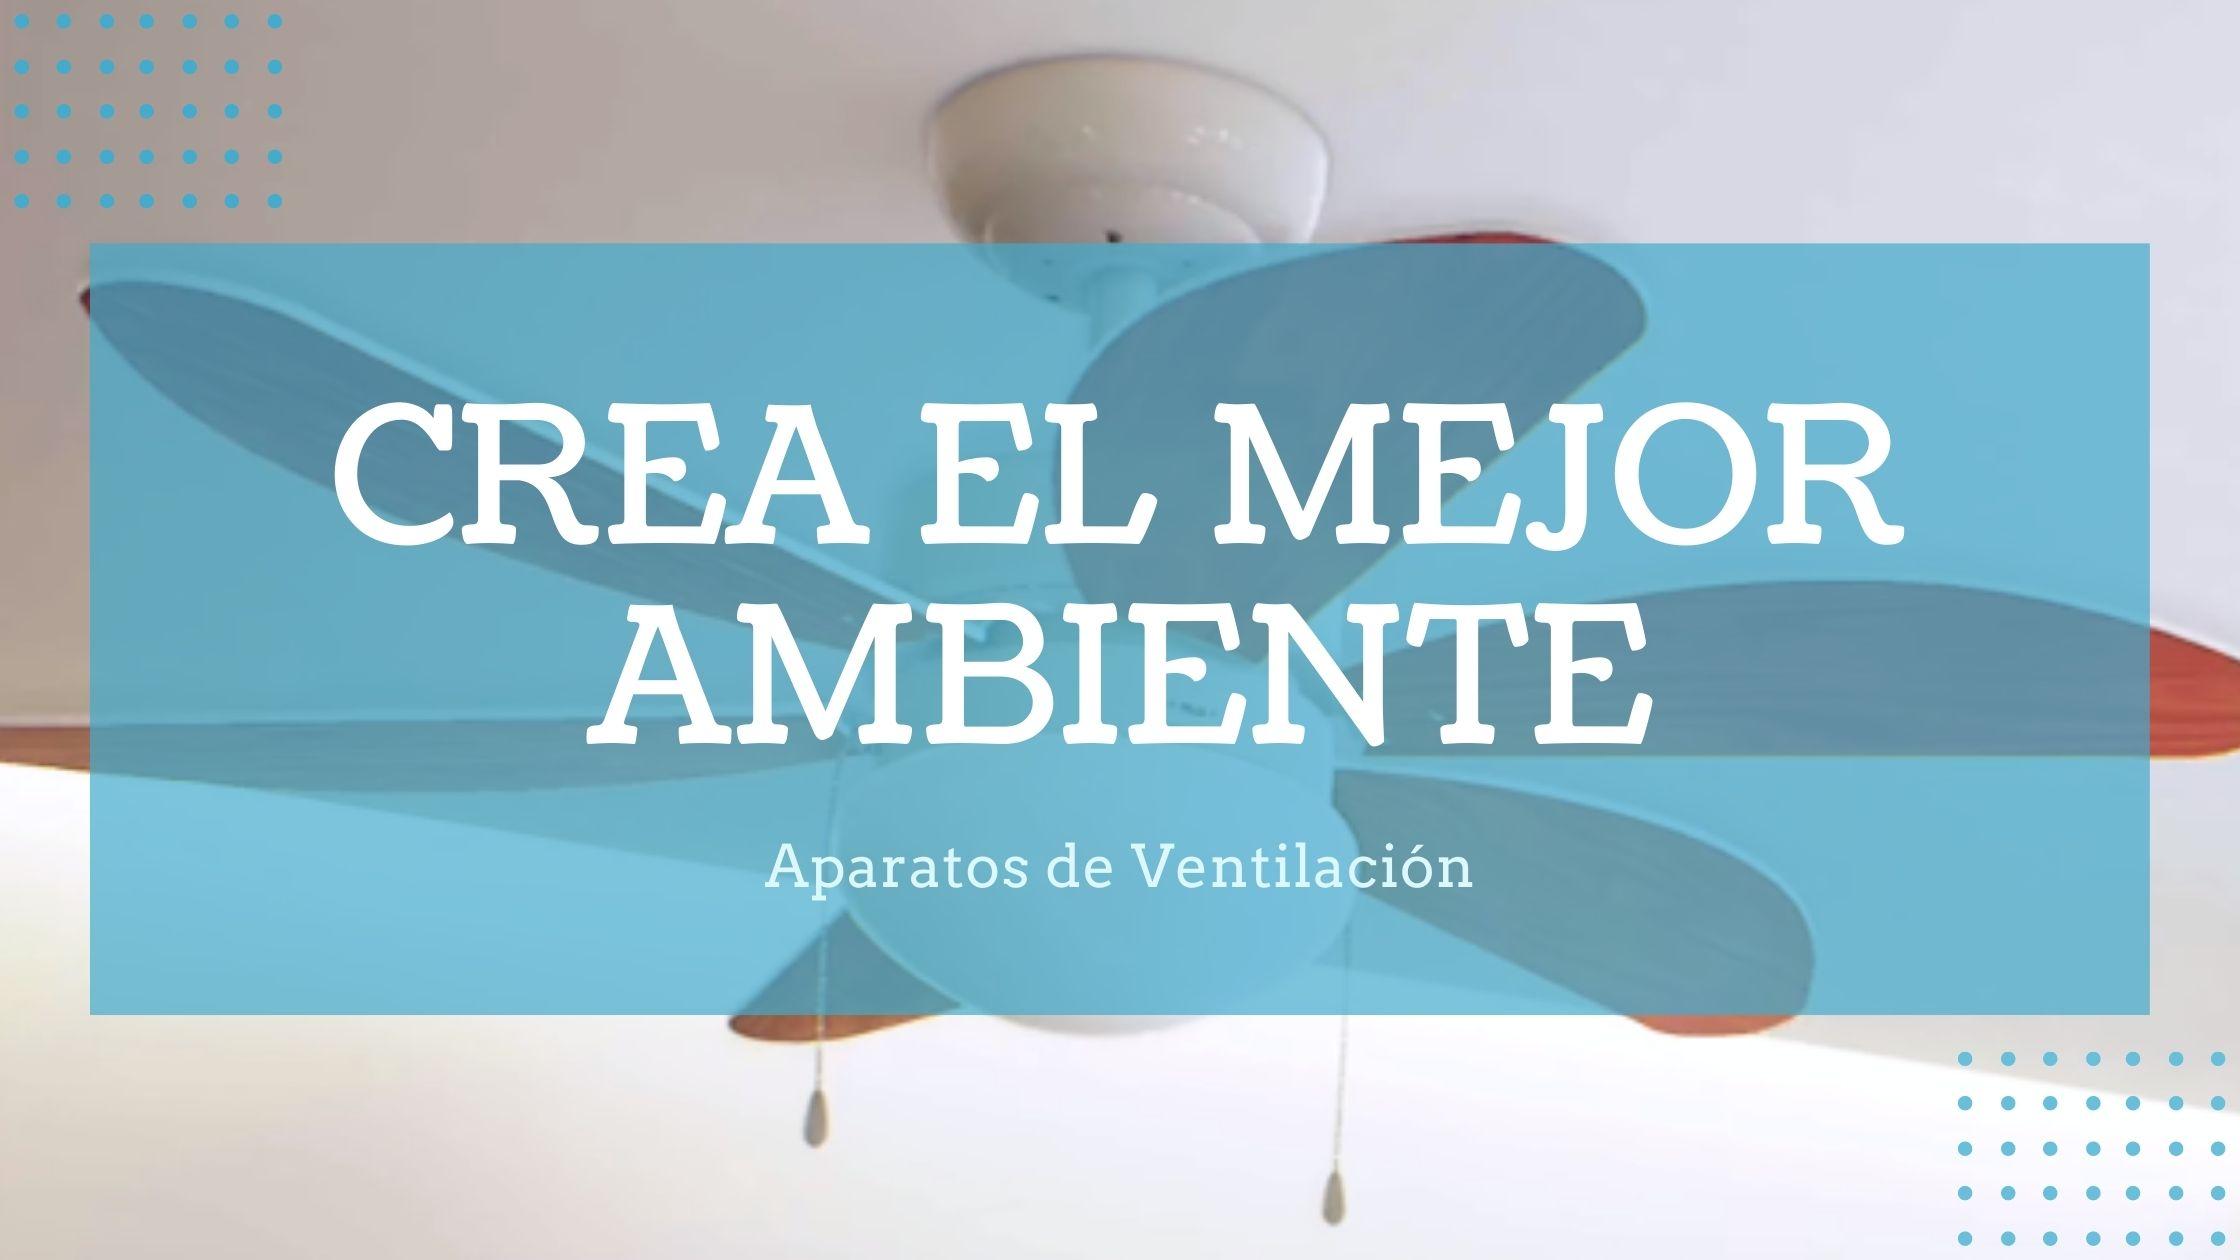 Aparatos de Ventilación